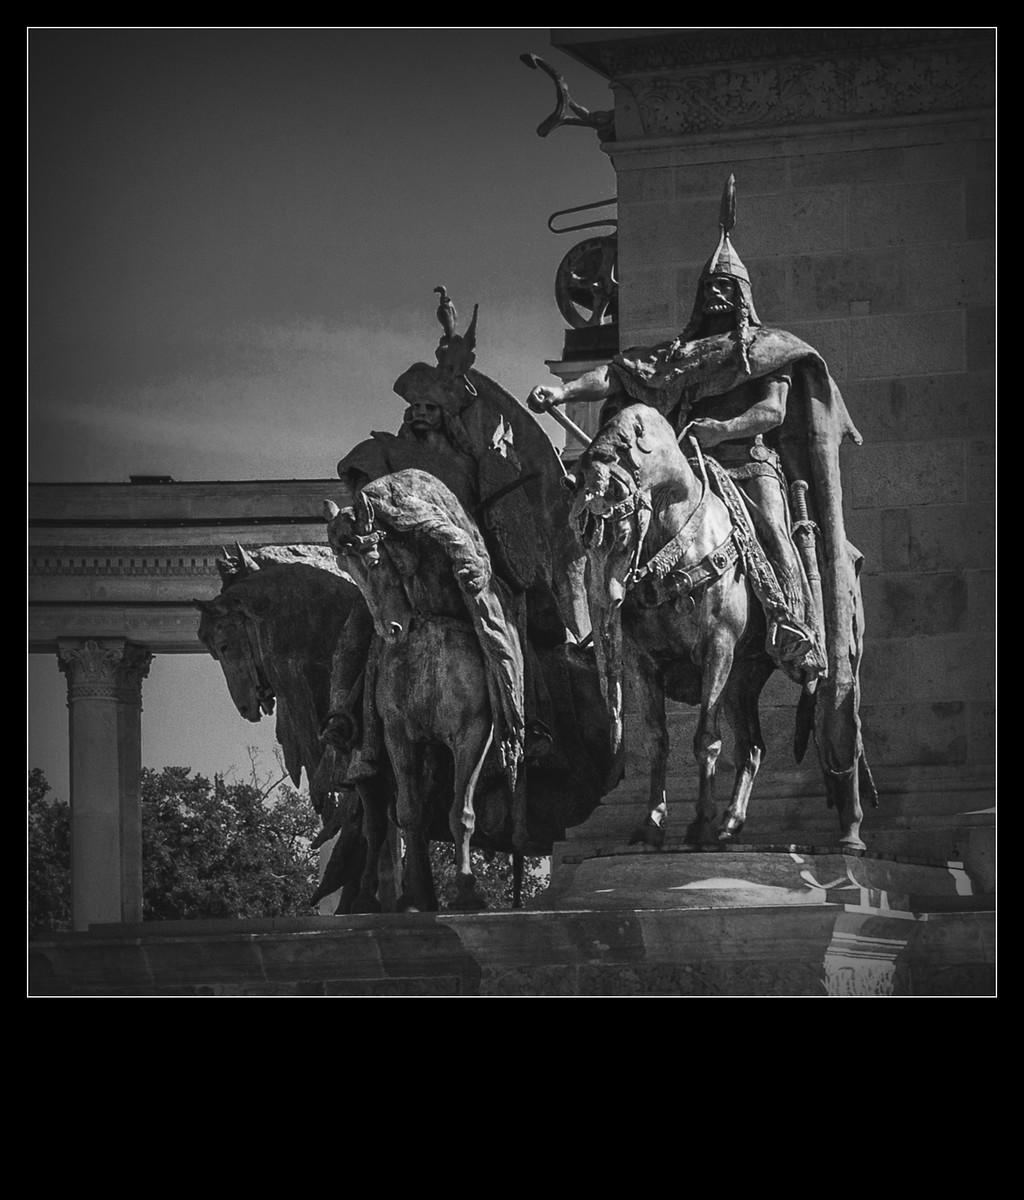 布达佩斯英雄广场的那些英雄们_图1-3